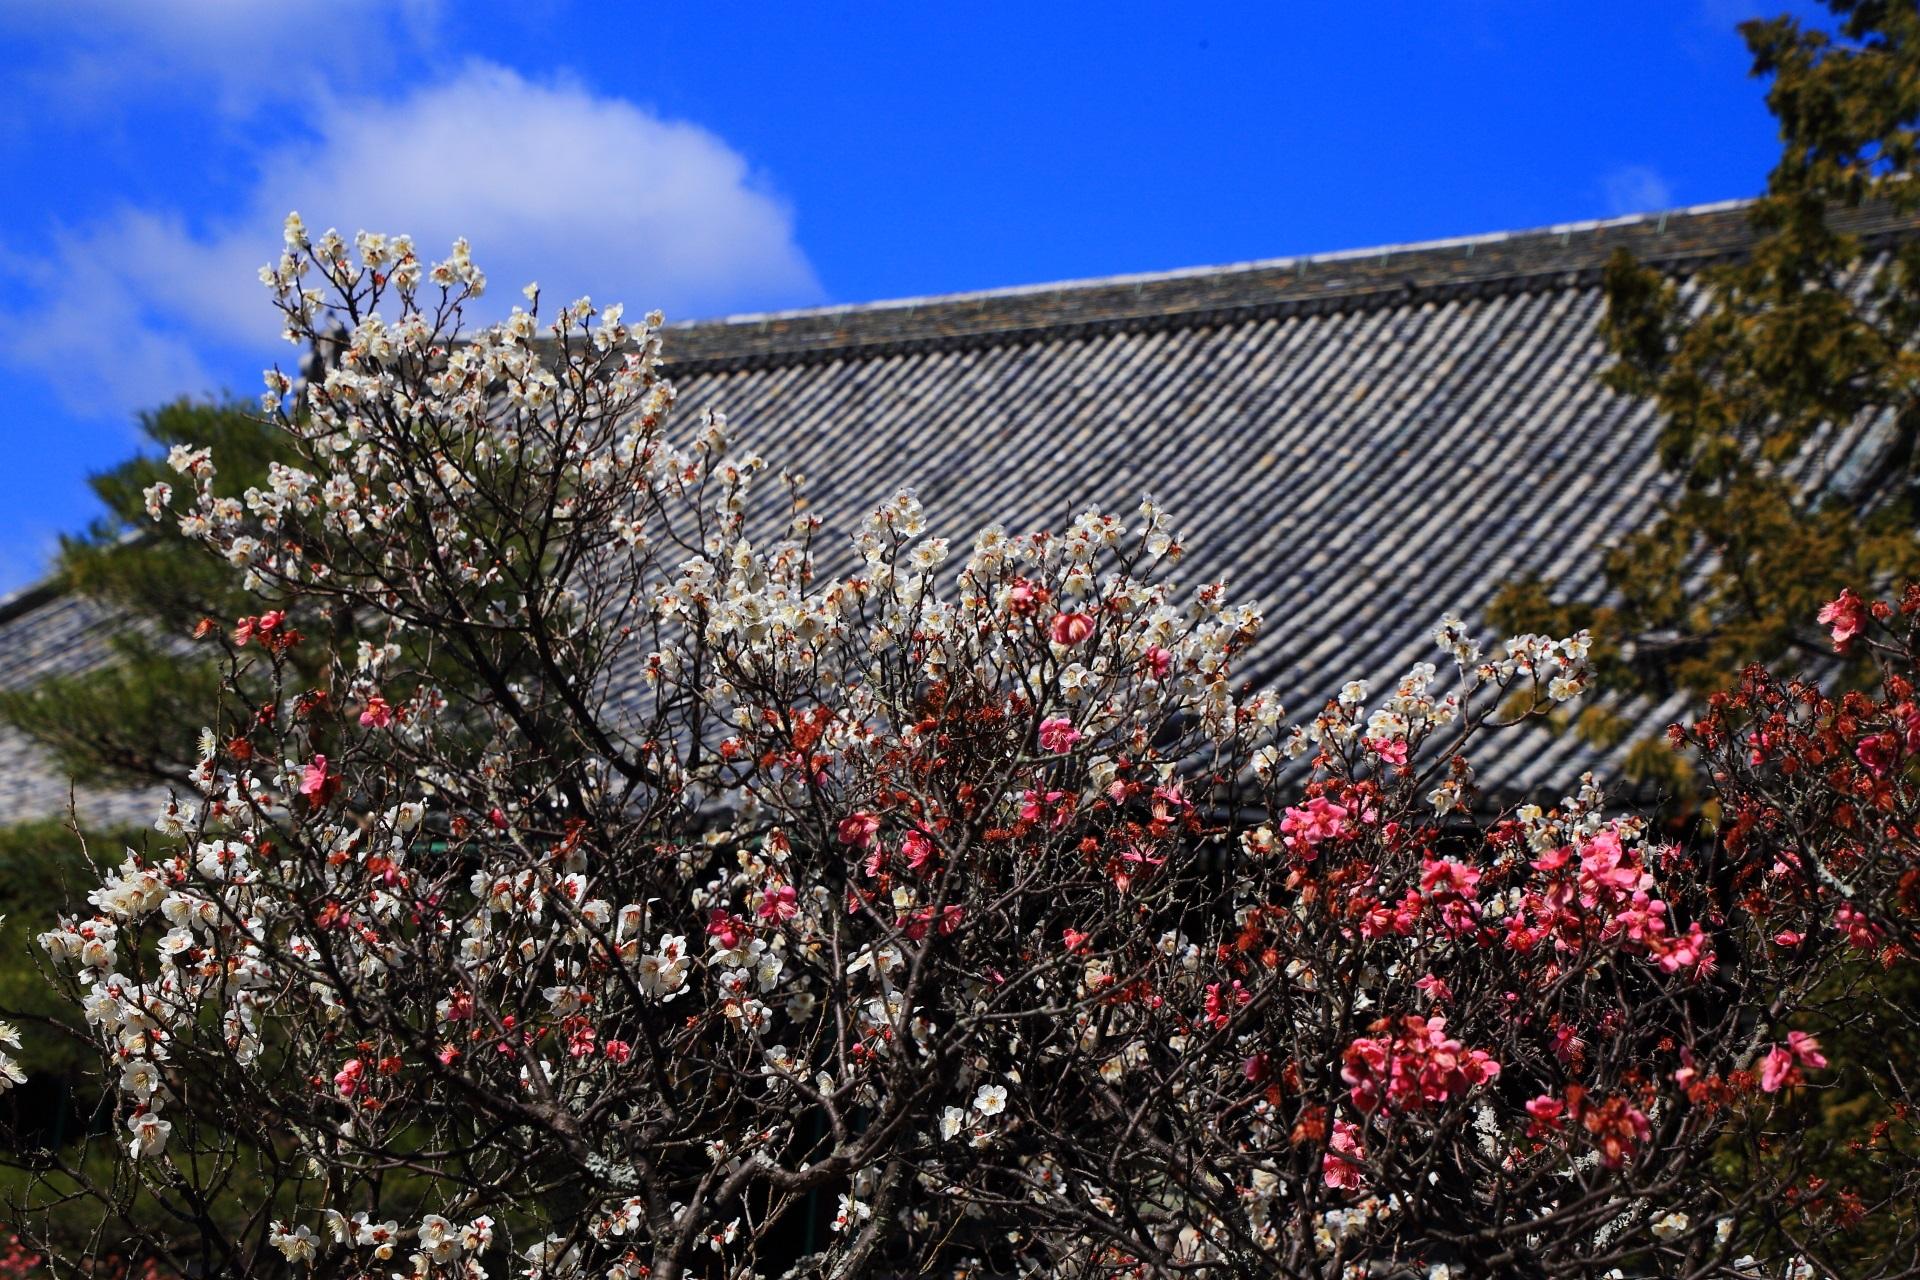 本堂を春色に彩る紅梅と白梅